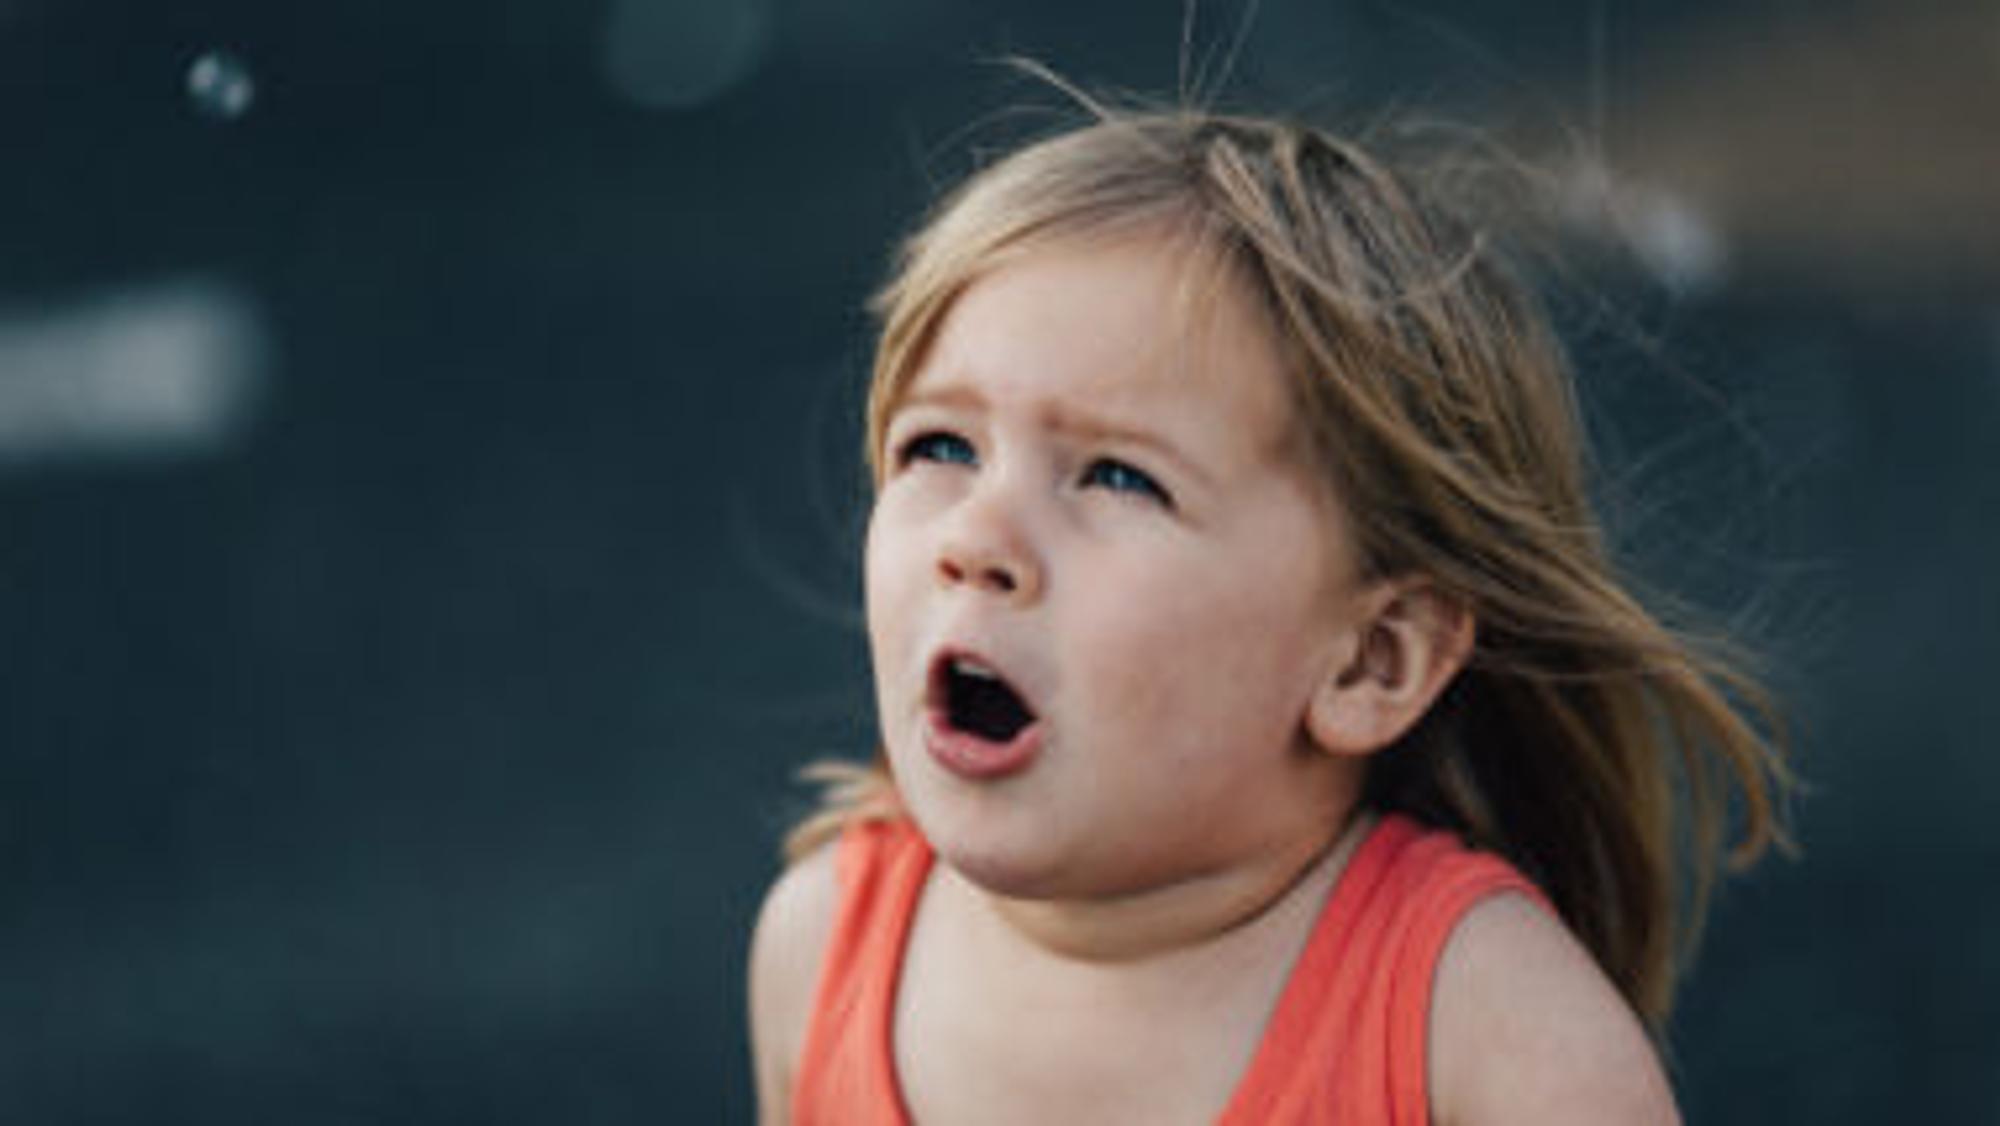 erschrockenes Mädchen mit offenem Mund